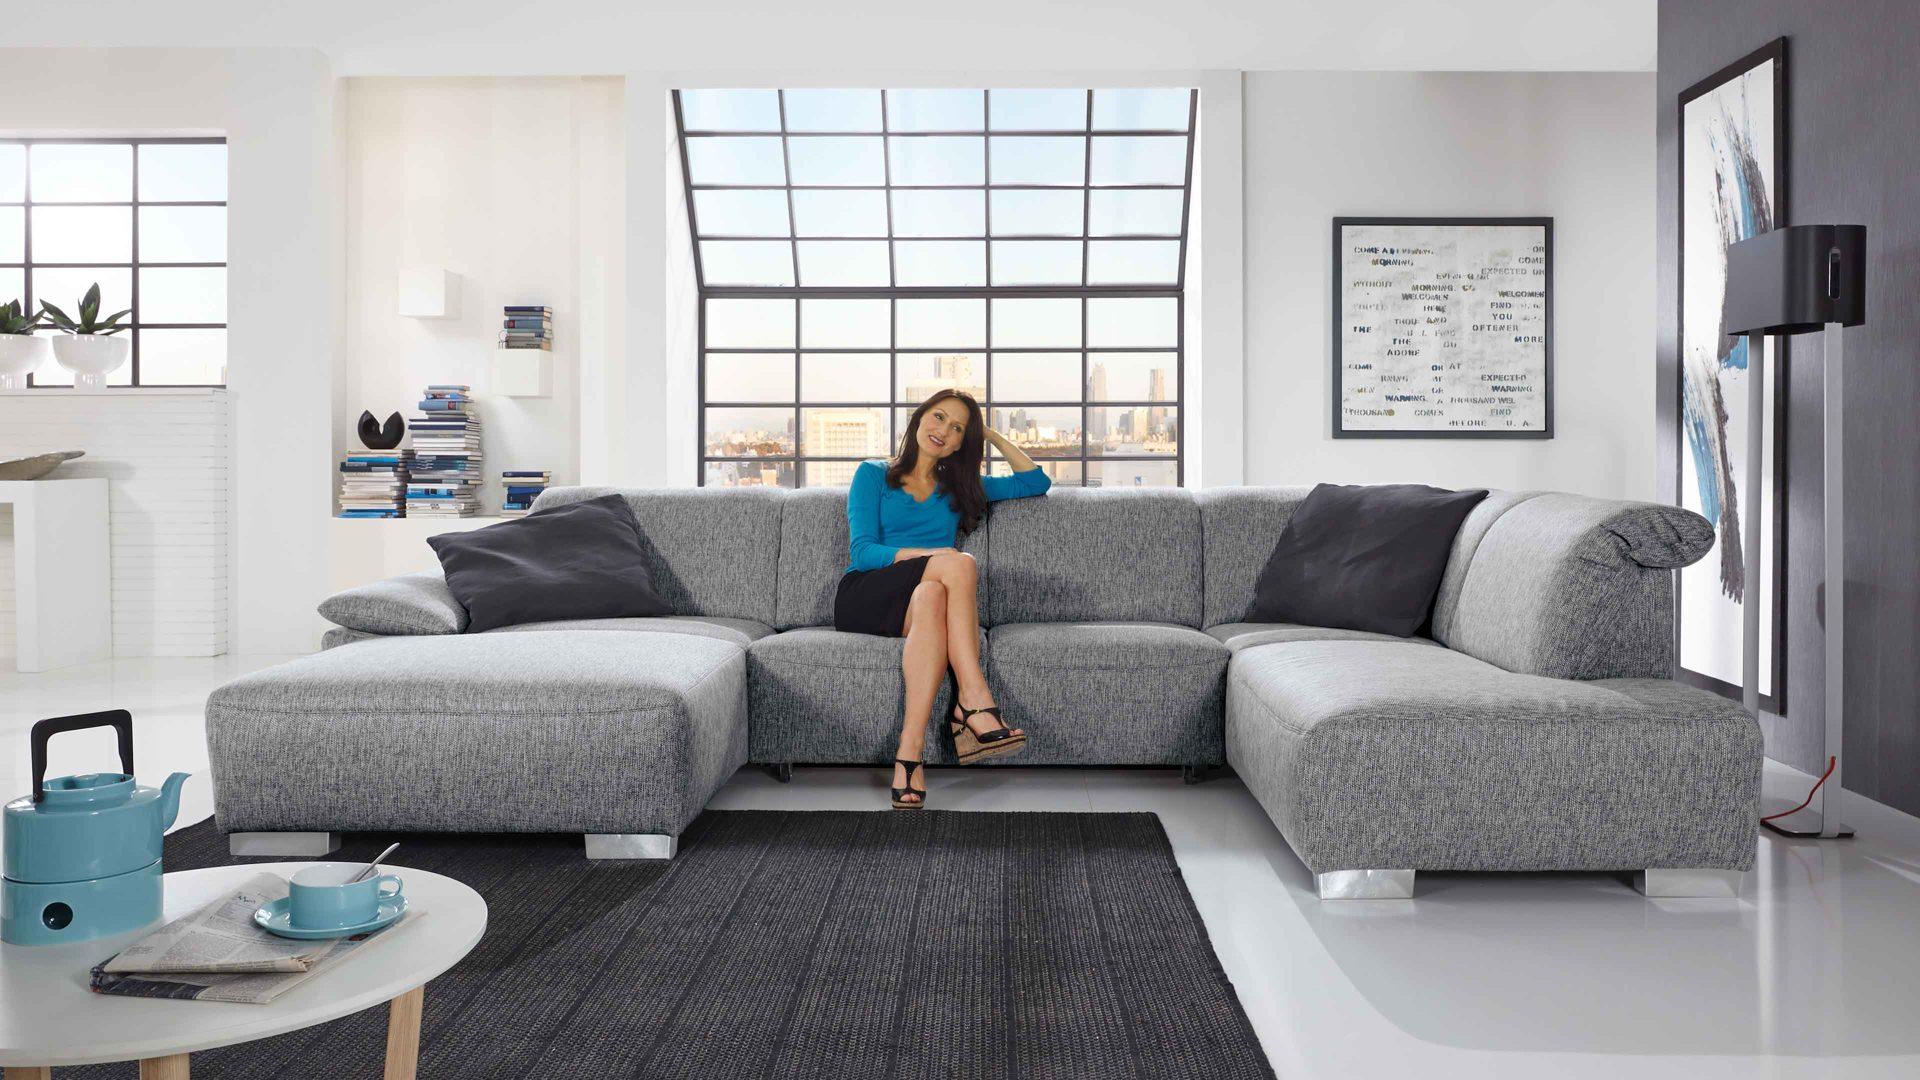 Eckcouch u form  Moderne Eckcouch: Möbel rehmann velbert räume wohnzimmer sofas ...